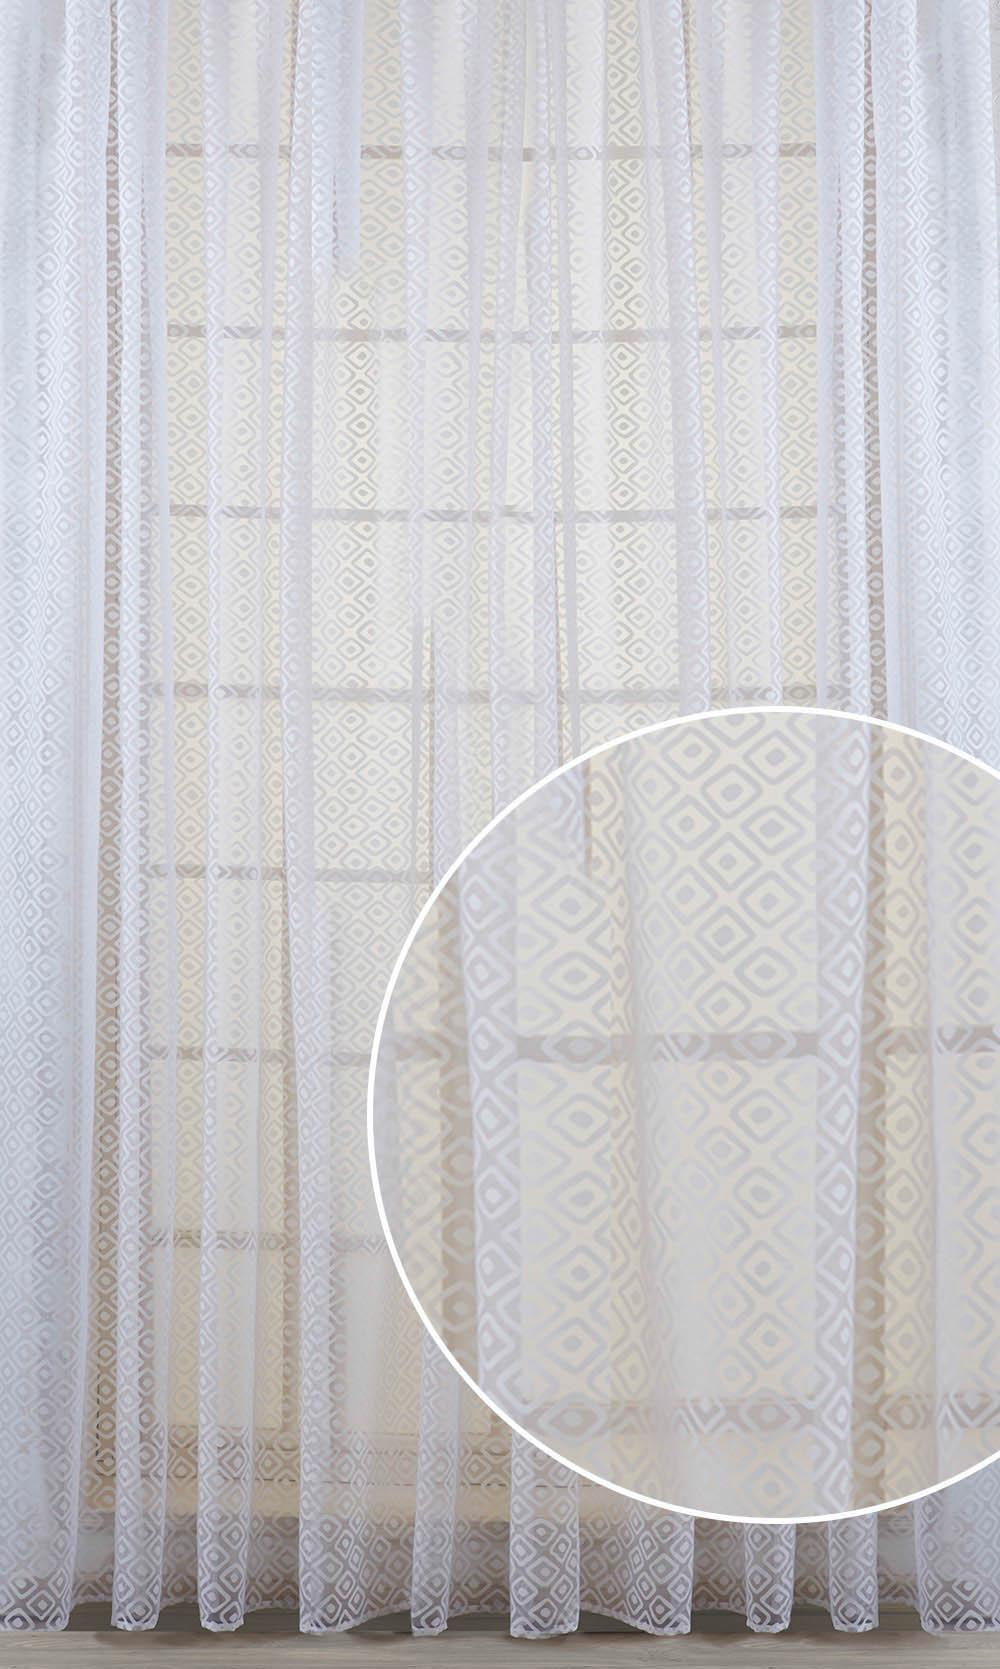 Шторы Primavelle Классические шторы Romina Цвет: Ваниль шторы tac классические шторы winx цвет персиковый 200x265 см